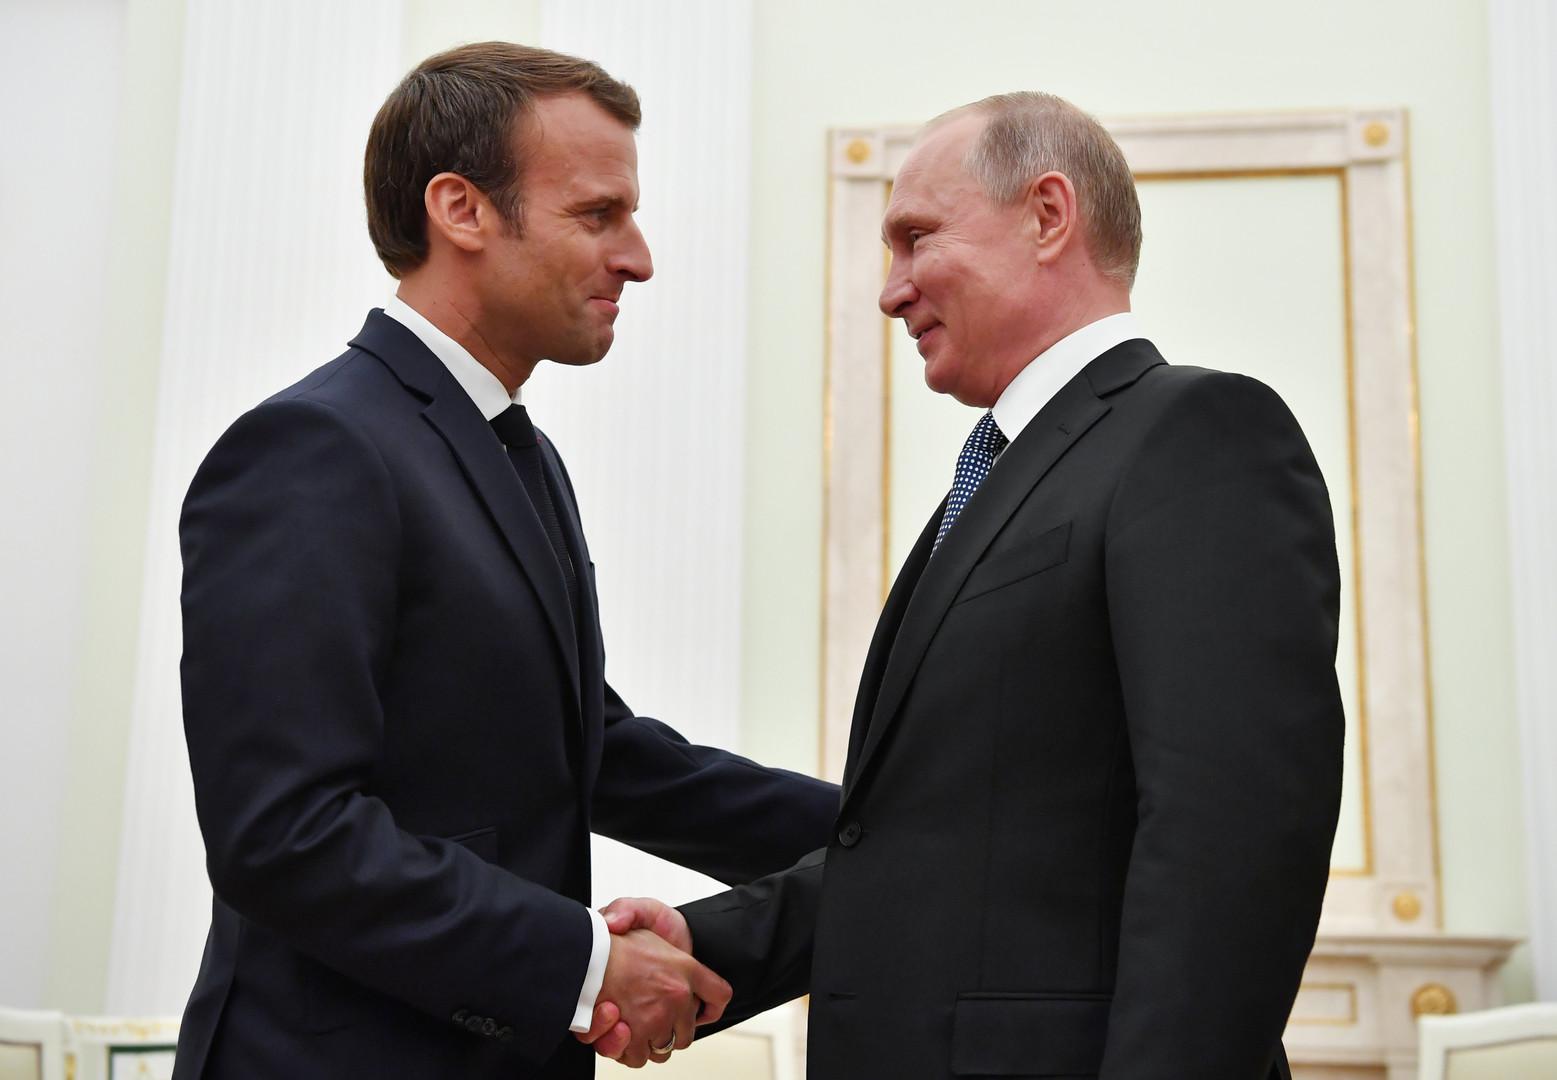 سوريا وأوكرانيا: ما الذي سيناقشه بوتين مع ماكرون في باريس